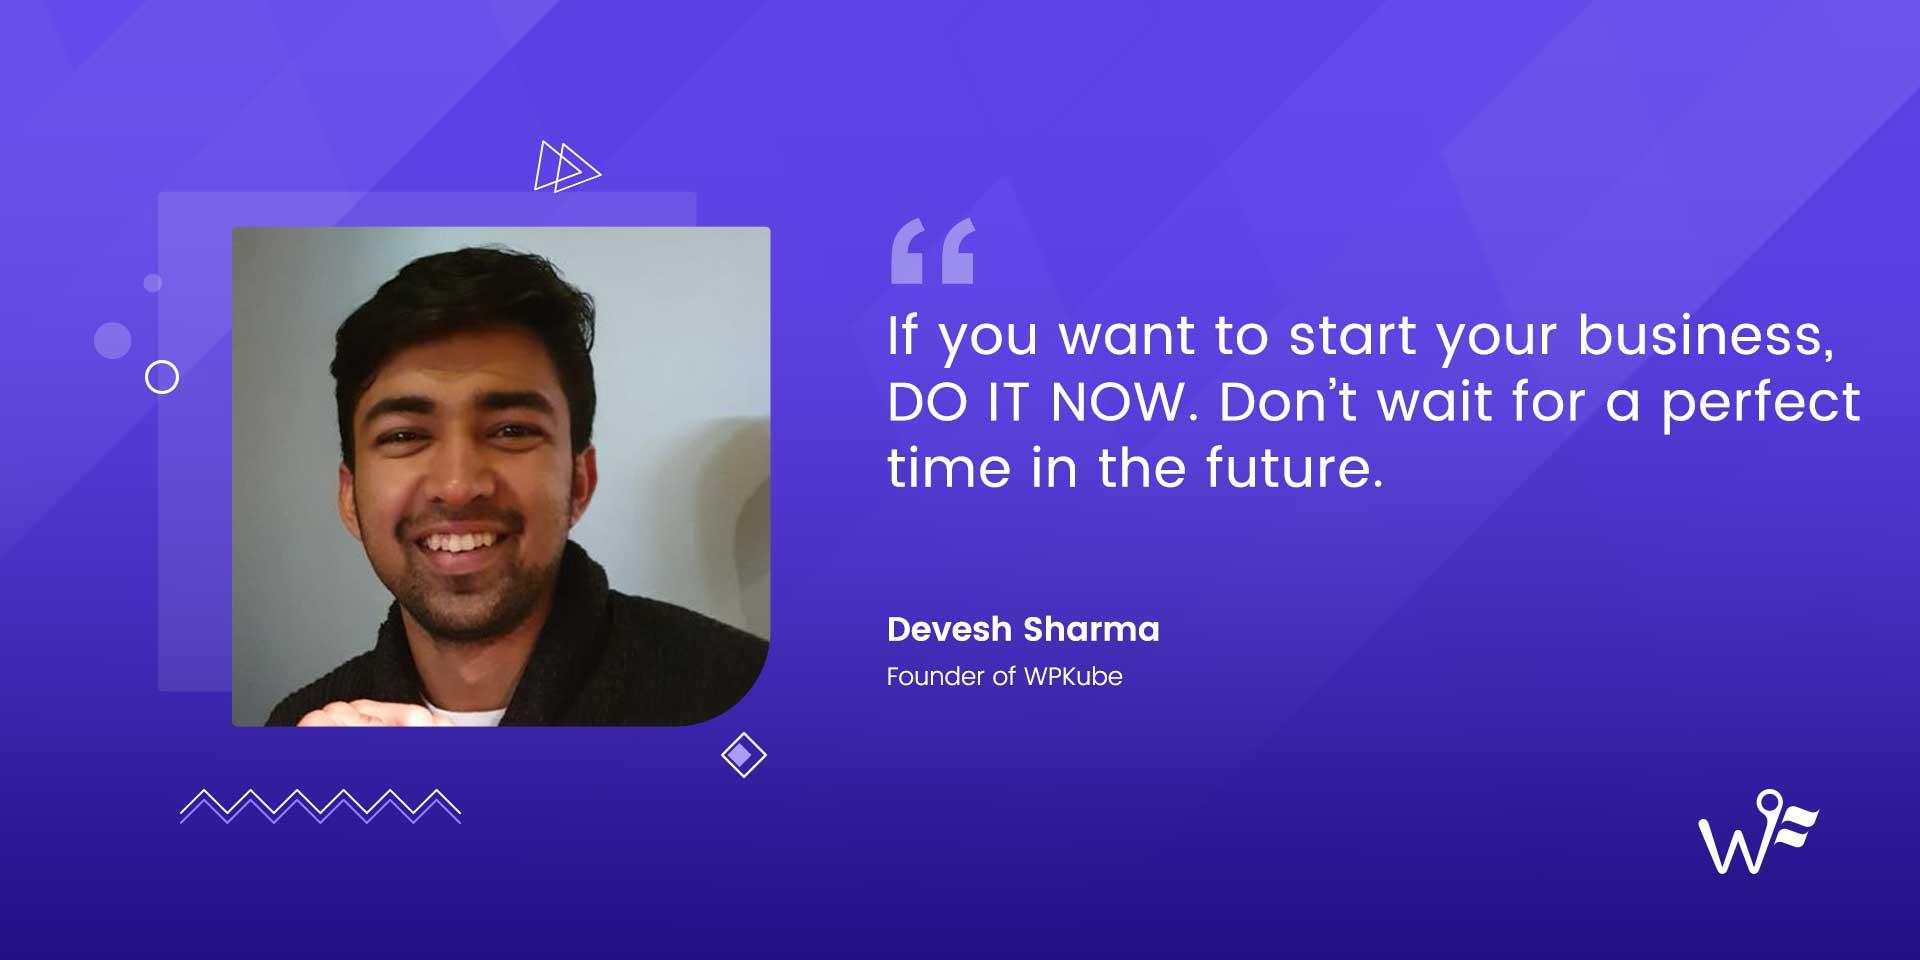 Devesh Sharma of WPKube